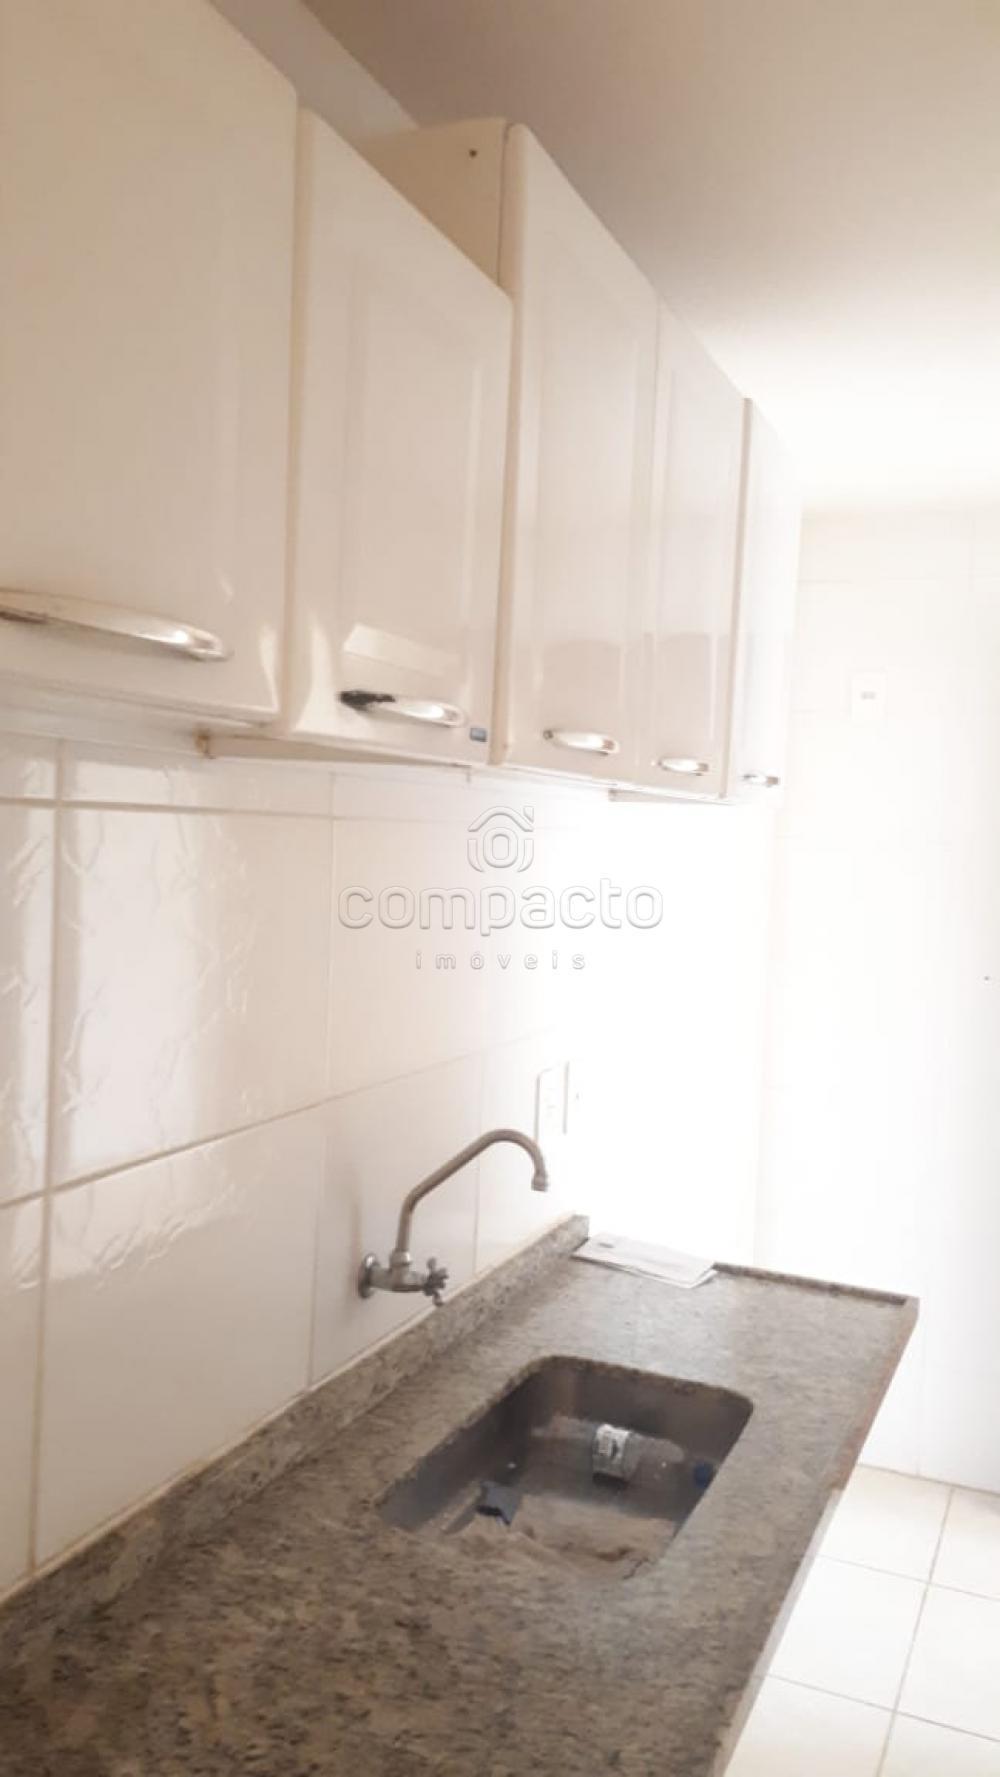 Comprar Apartamento / Padrão em São José do Rio Preto apenas R$ 140.000,00 - Foto 8